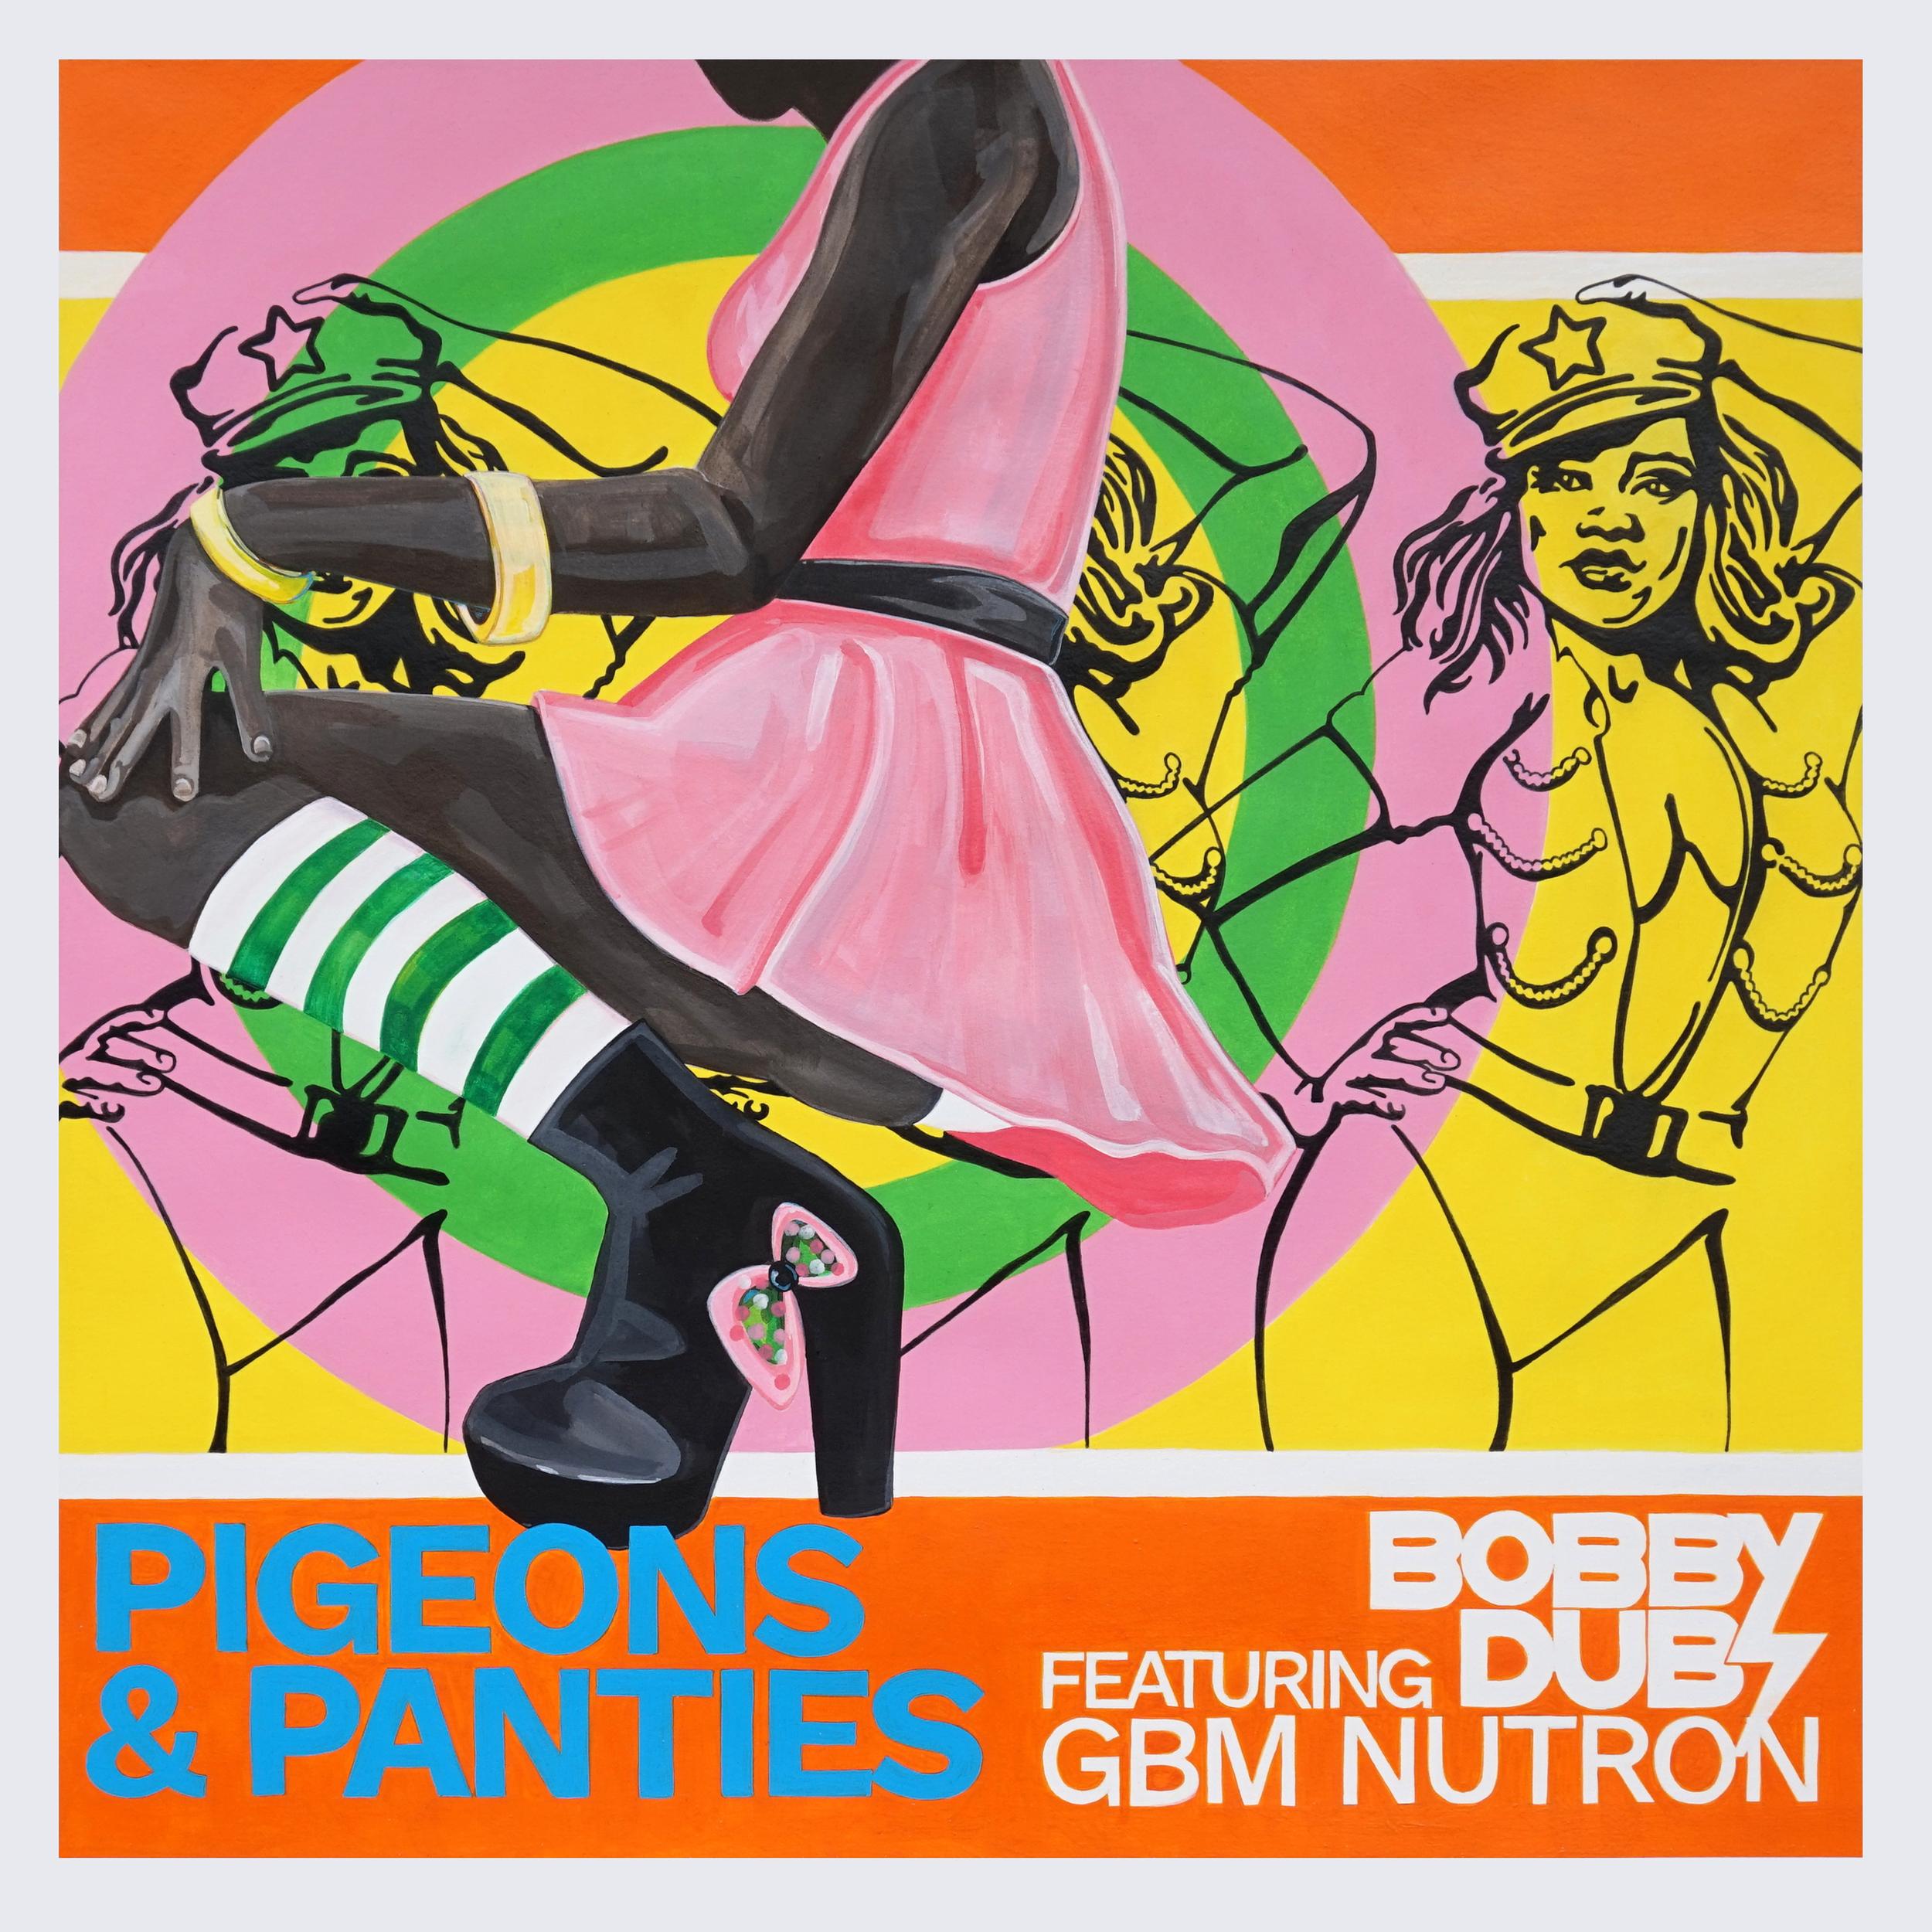 Bobby Dubz - Pigeons & Panties (single)